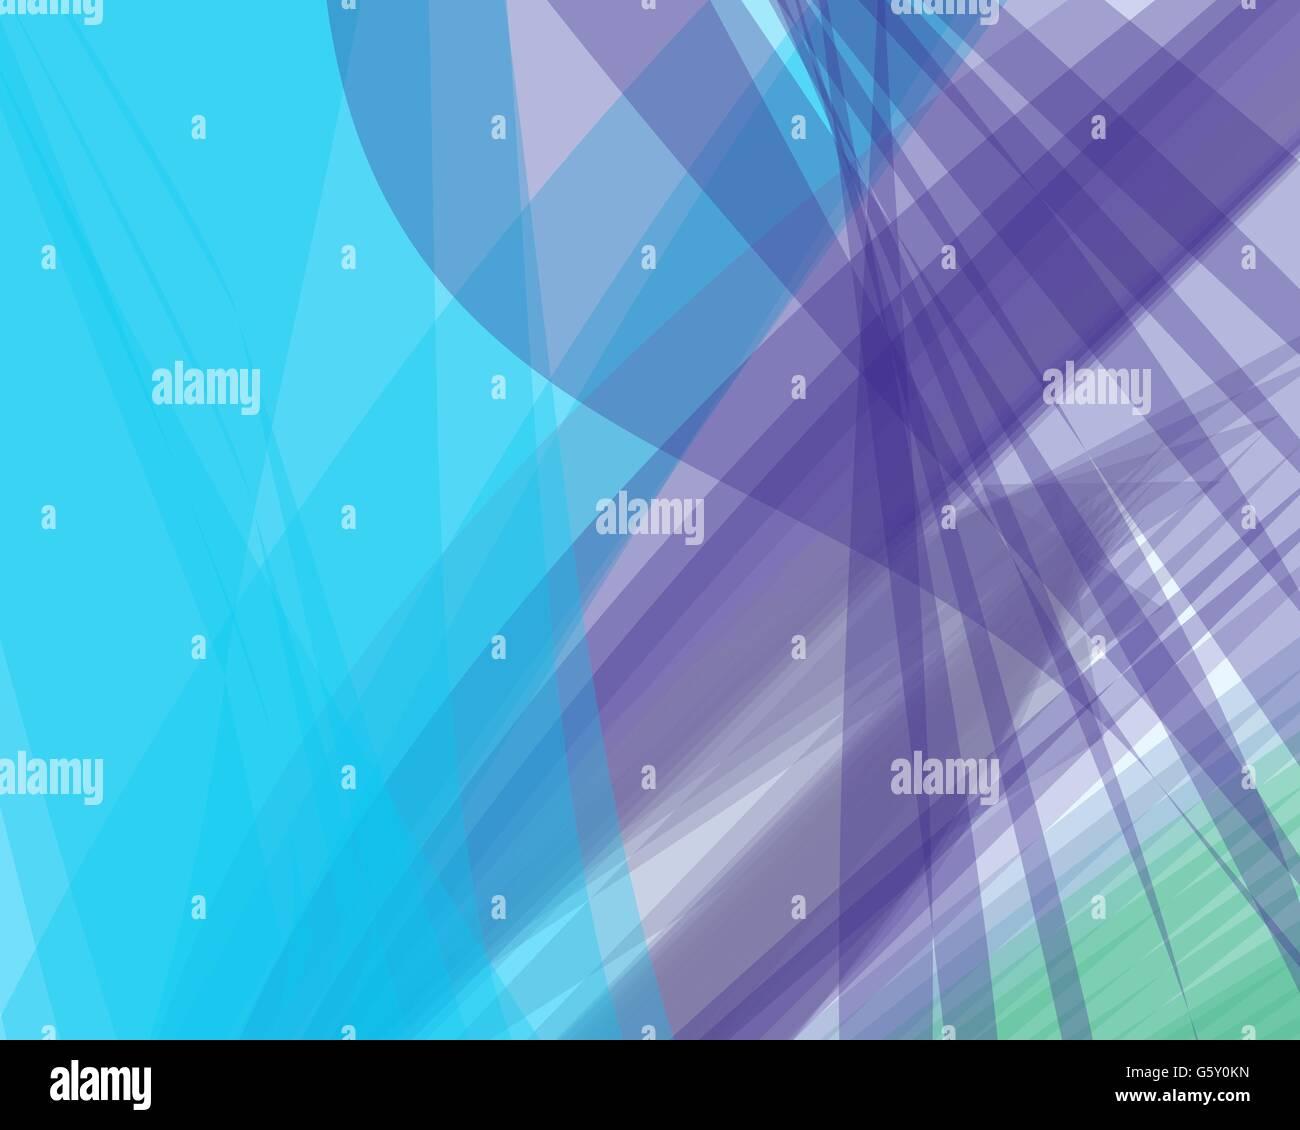 Rsum Arrire Plan Color Vecteur Bannire Transparent Lignes Vagues Formes Pour Brochure Site Web Design Flyers Et Carte De Visite